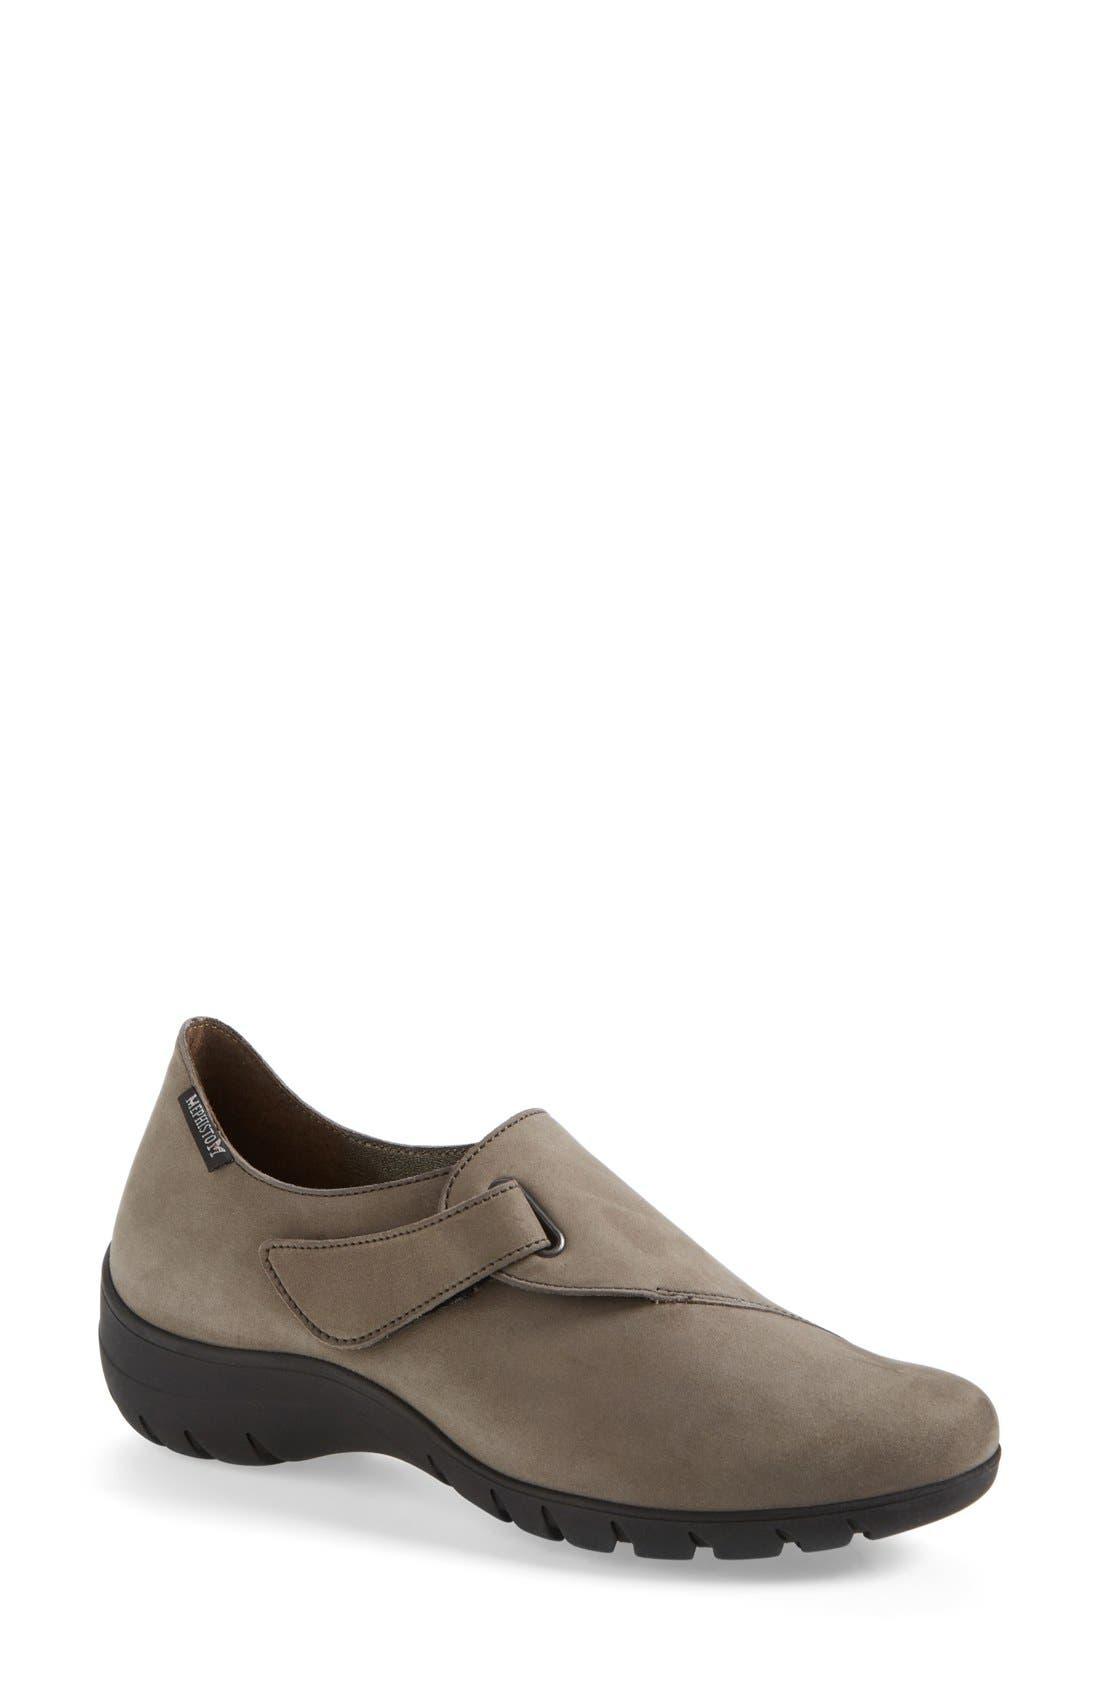 Alternate Image 1 Selected - Mephisto 'Luce' Sneaker (Women)